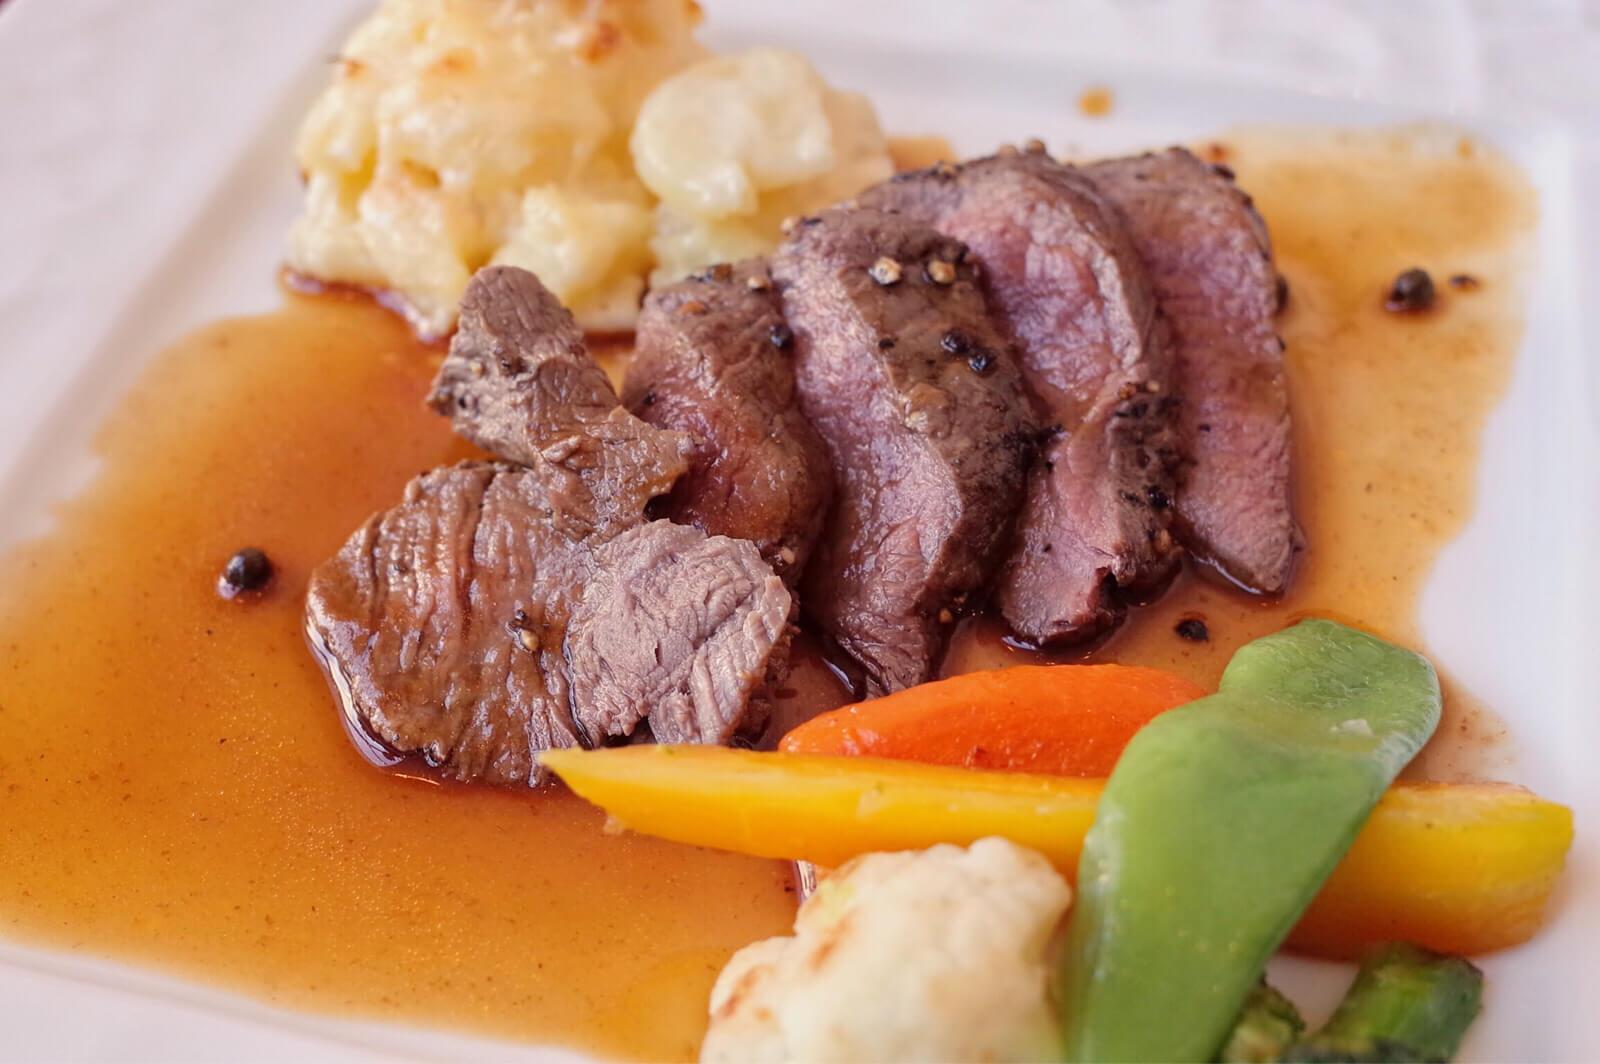 ブション・プロヴァンサル 中目黒 | 正月ランチでフランス料理を堪能してきた!